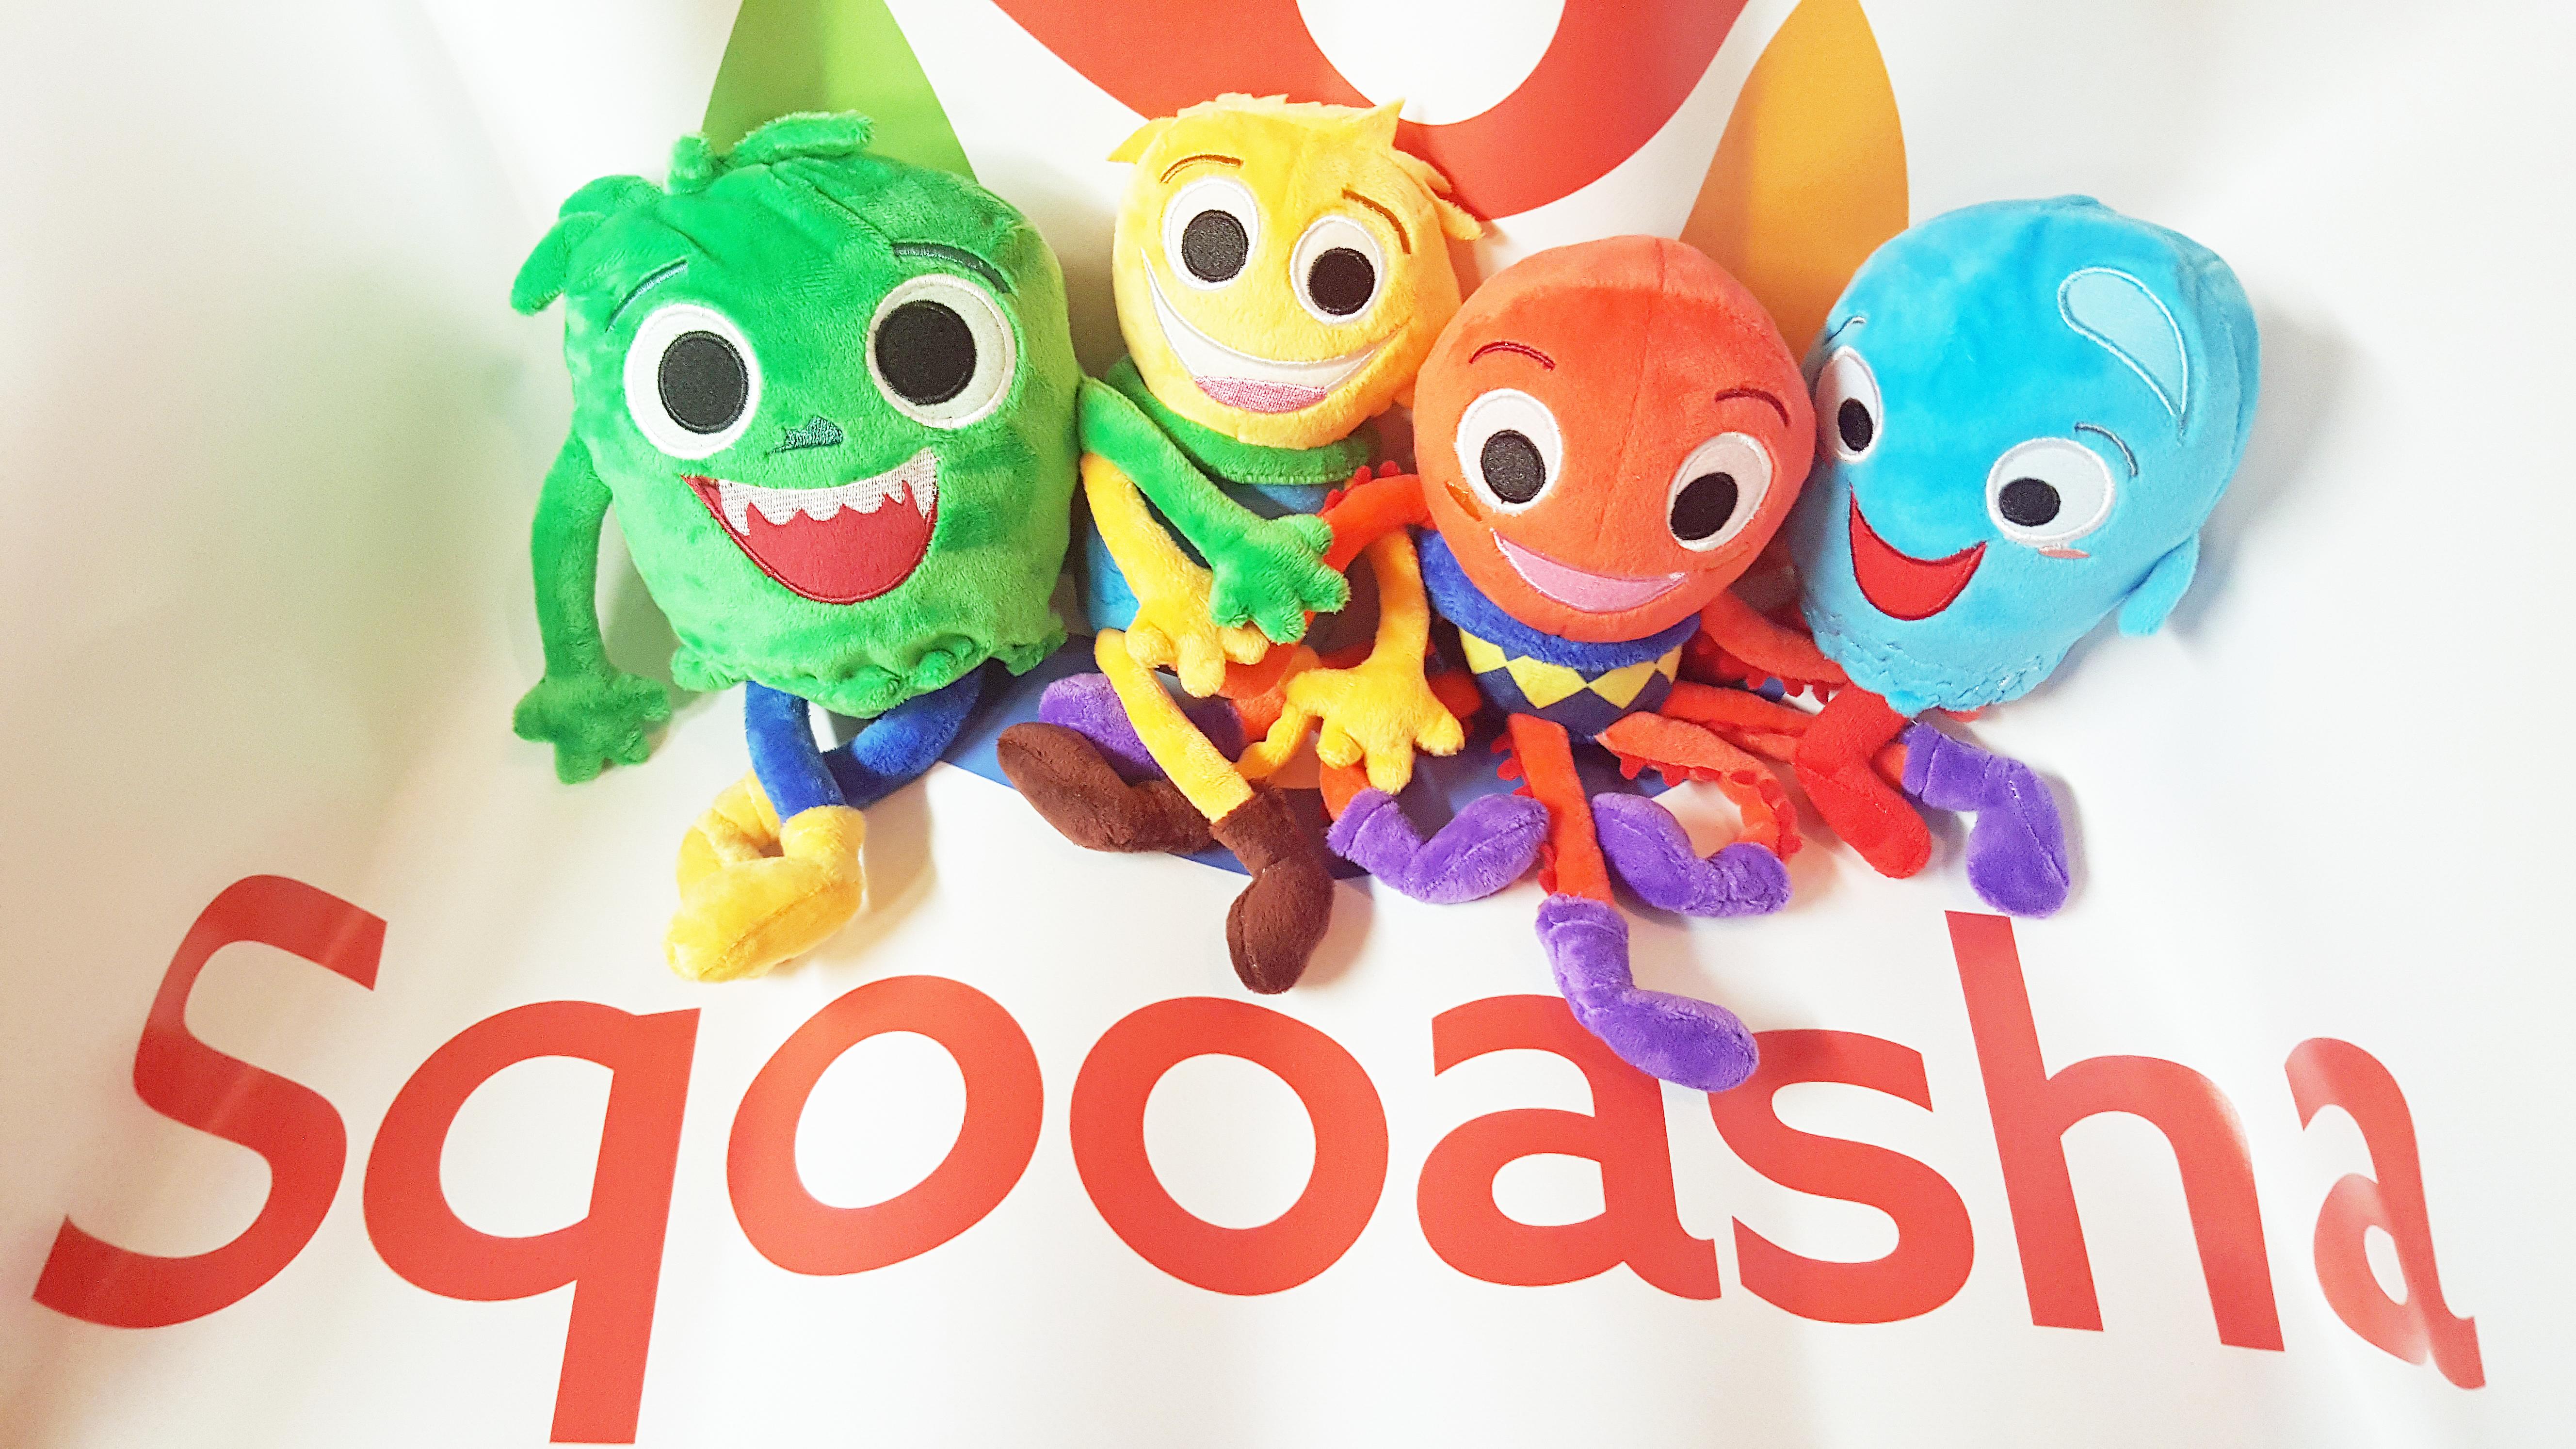 Sqooasha Mascot